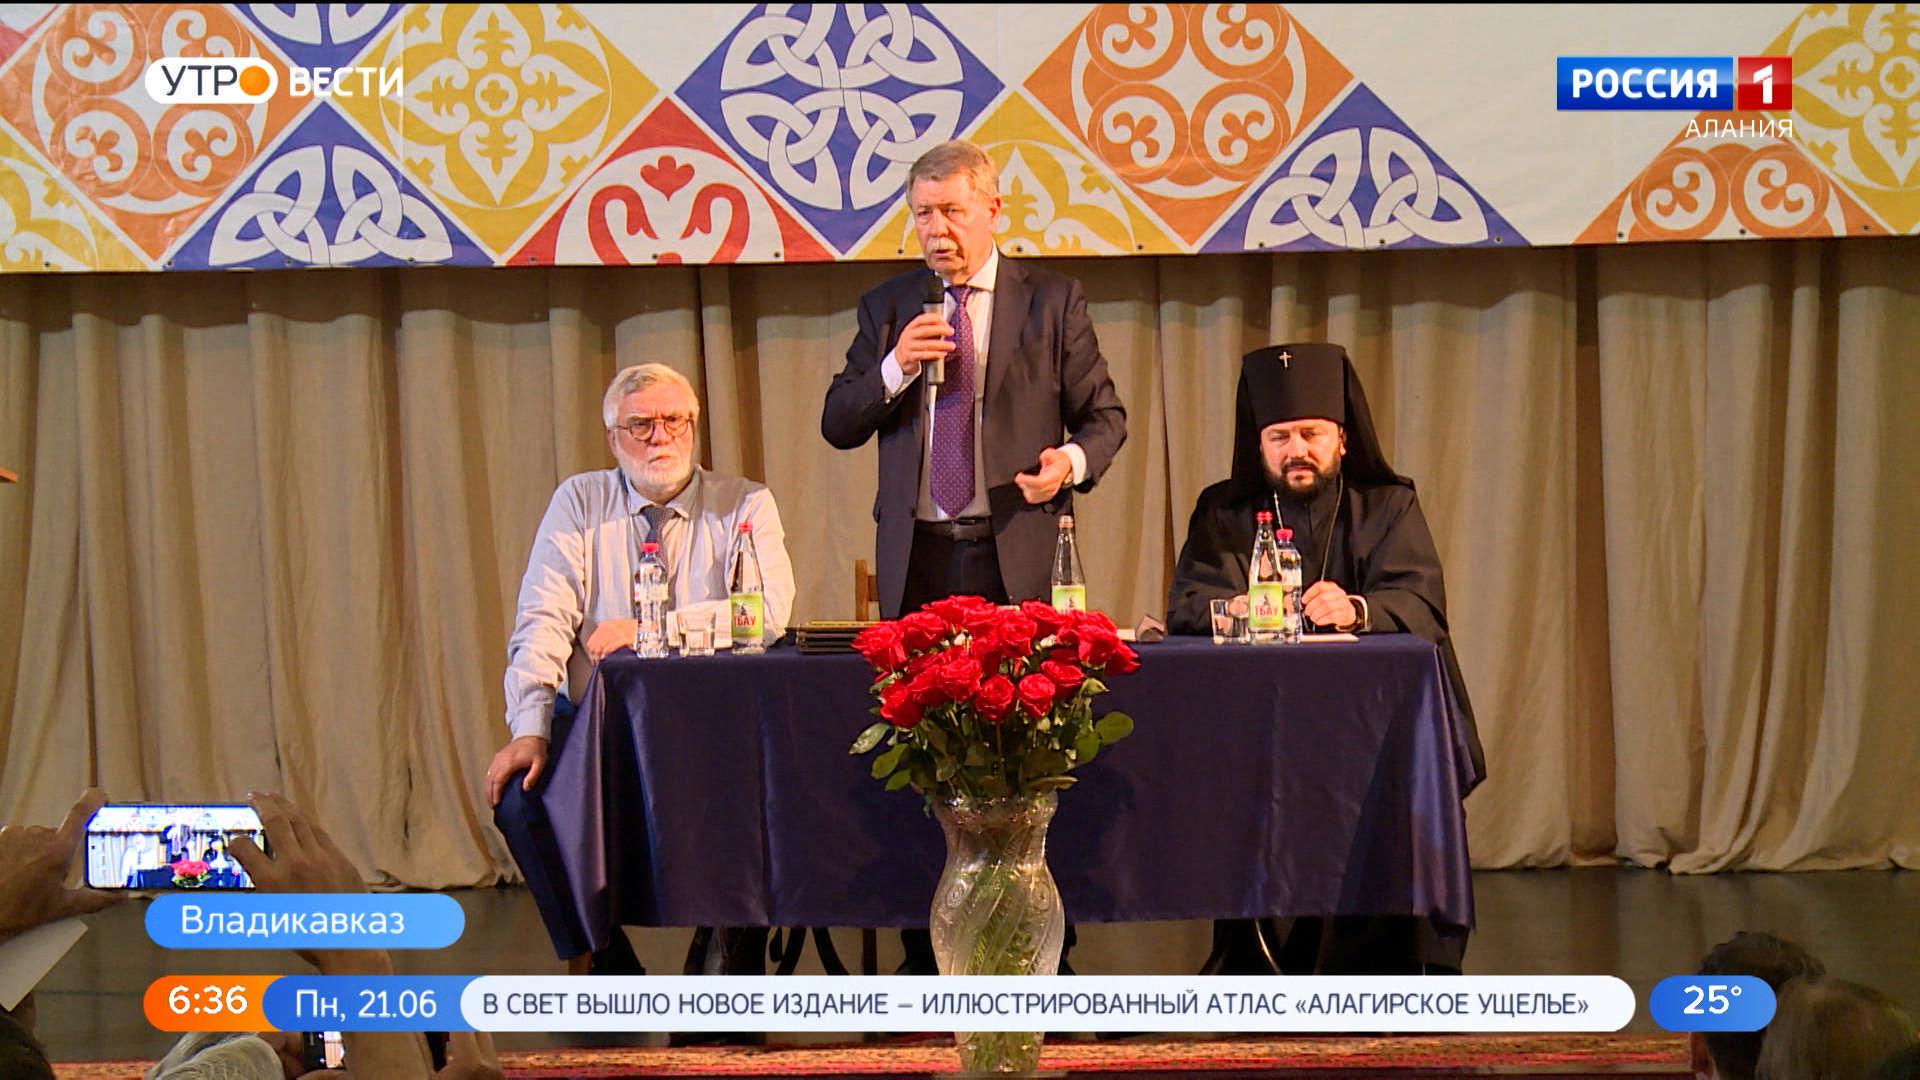 В региональном национально-культурном обществе «Русь» избрали нового руководителя